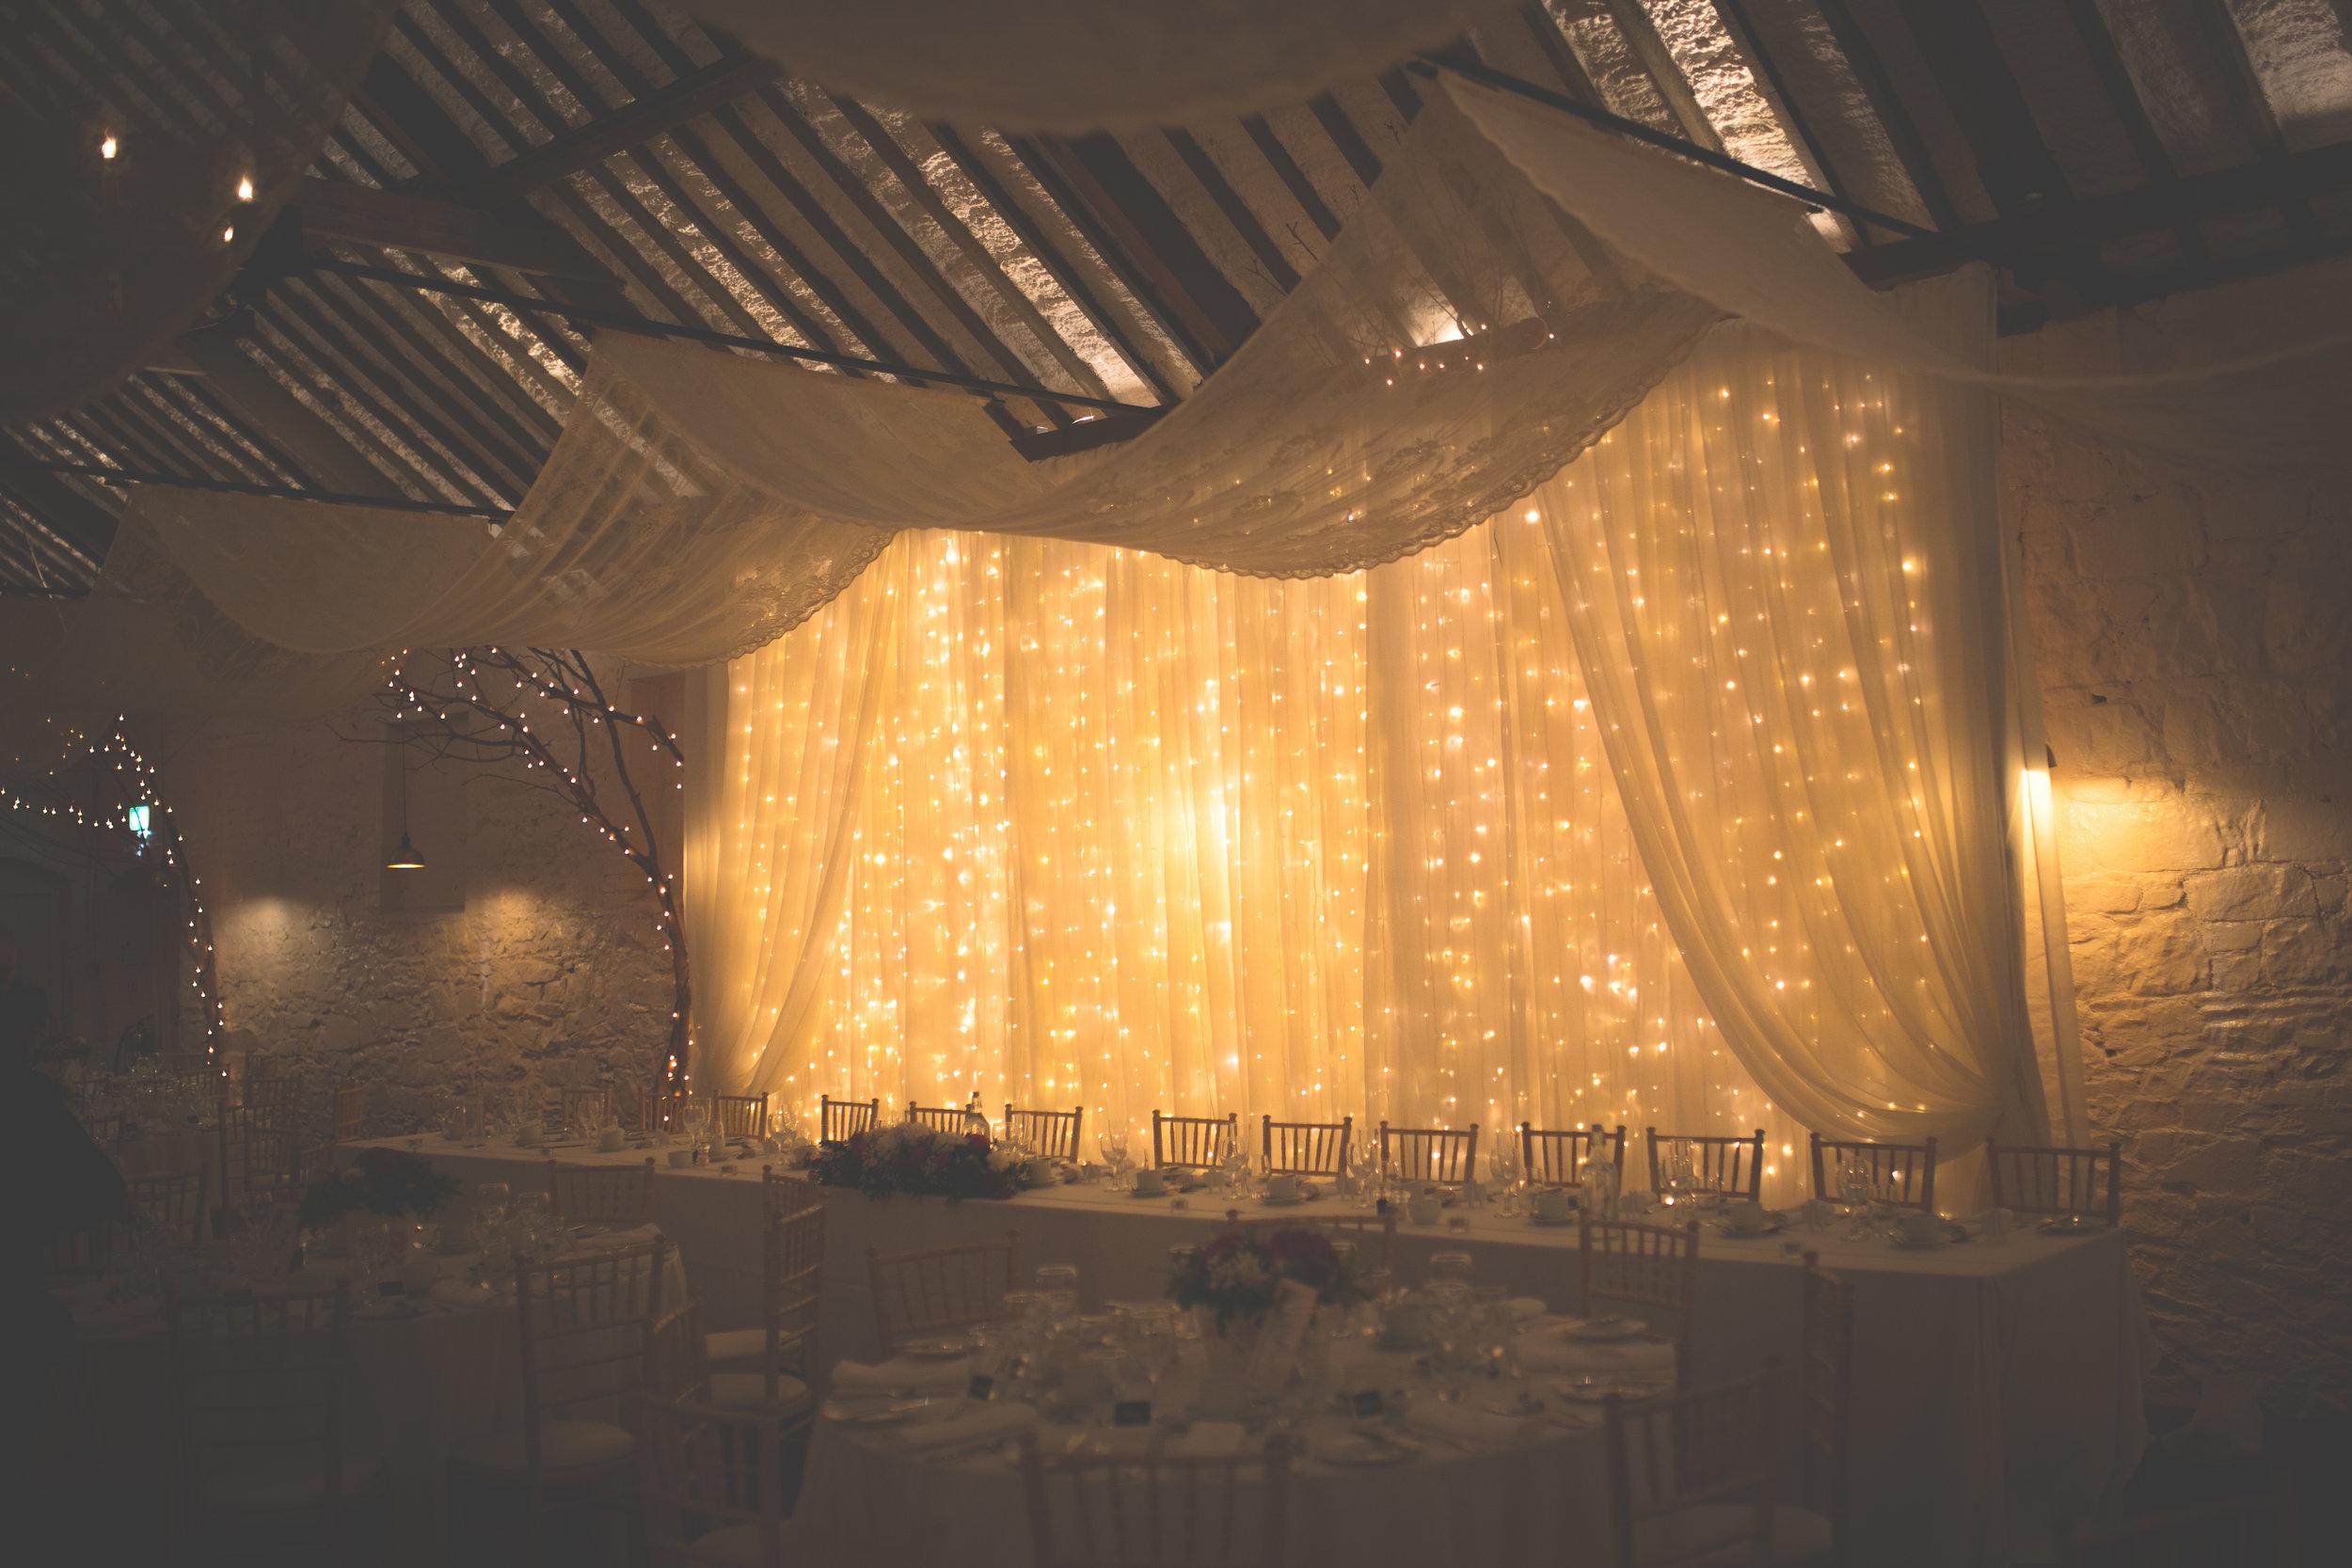 Brian McEwan Wedding Photography | Carol-Anne & Sean | The Speeches-7.jpg